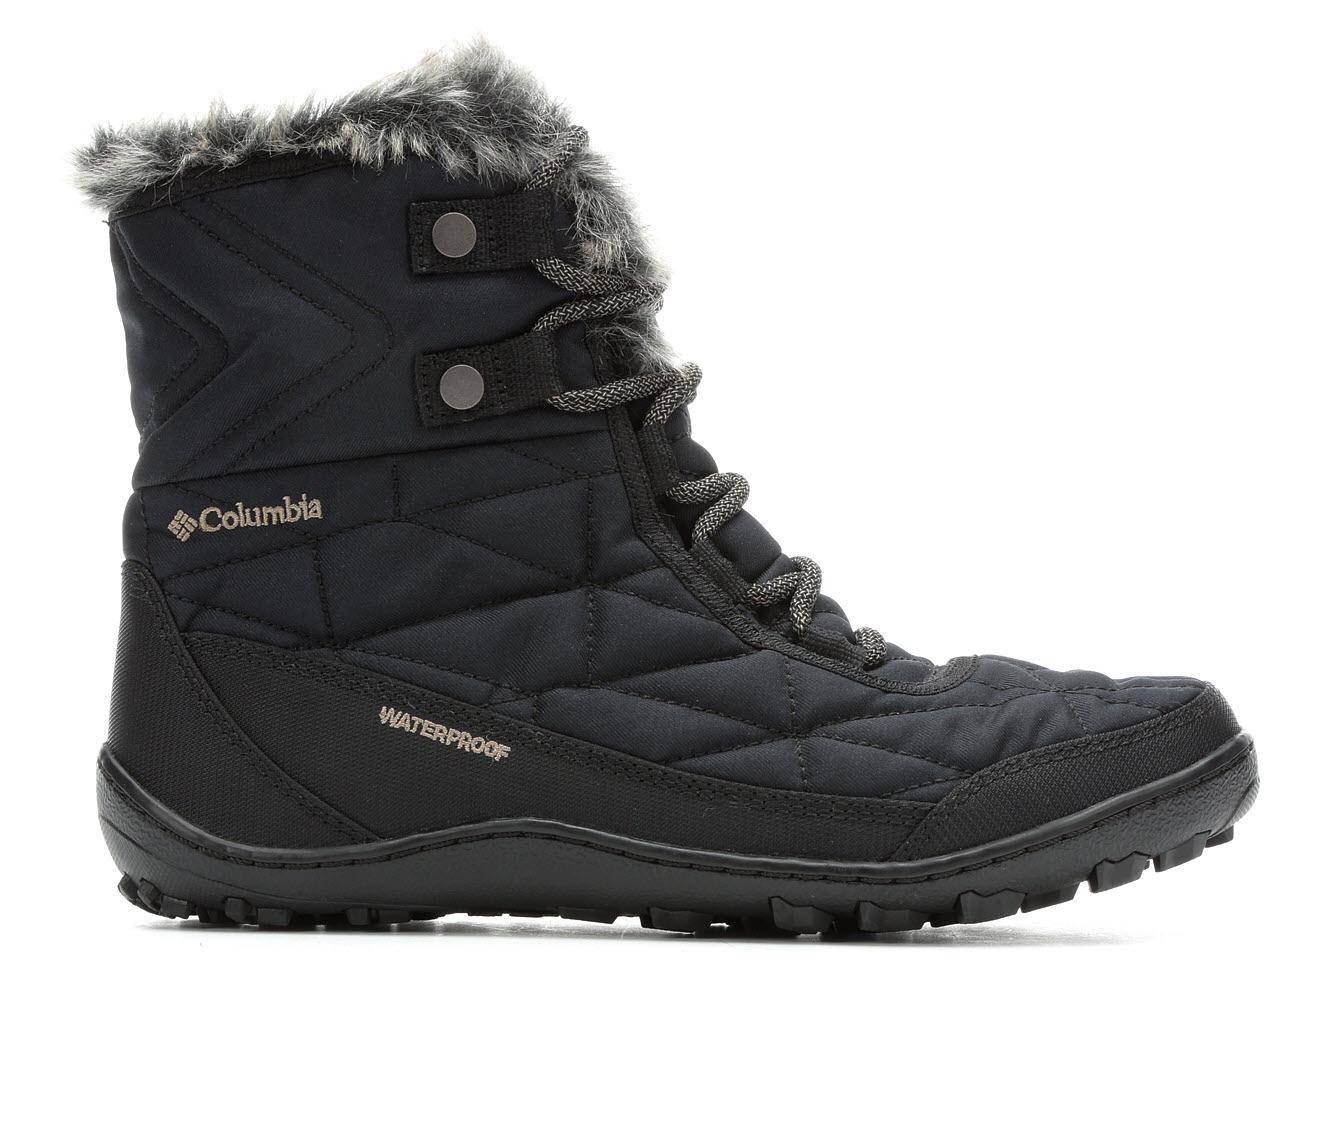 Columbia Minx Shortyy III Omni-Heat Women's Boots (Black - Canvas)